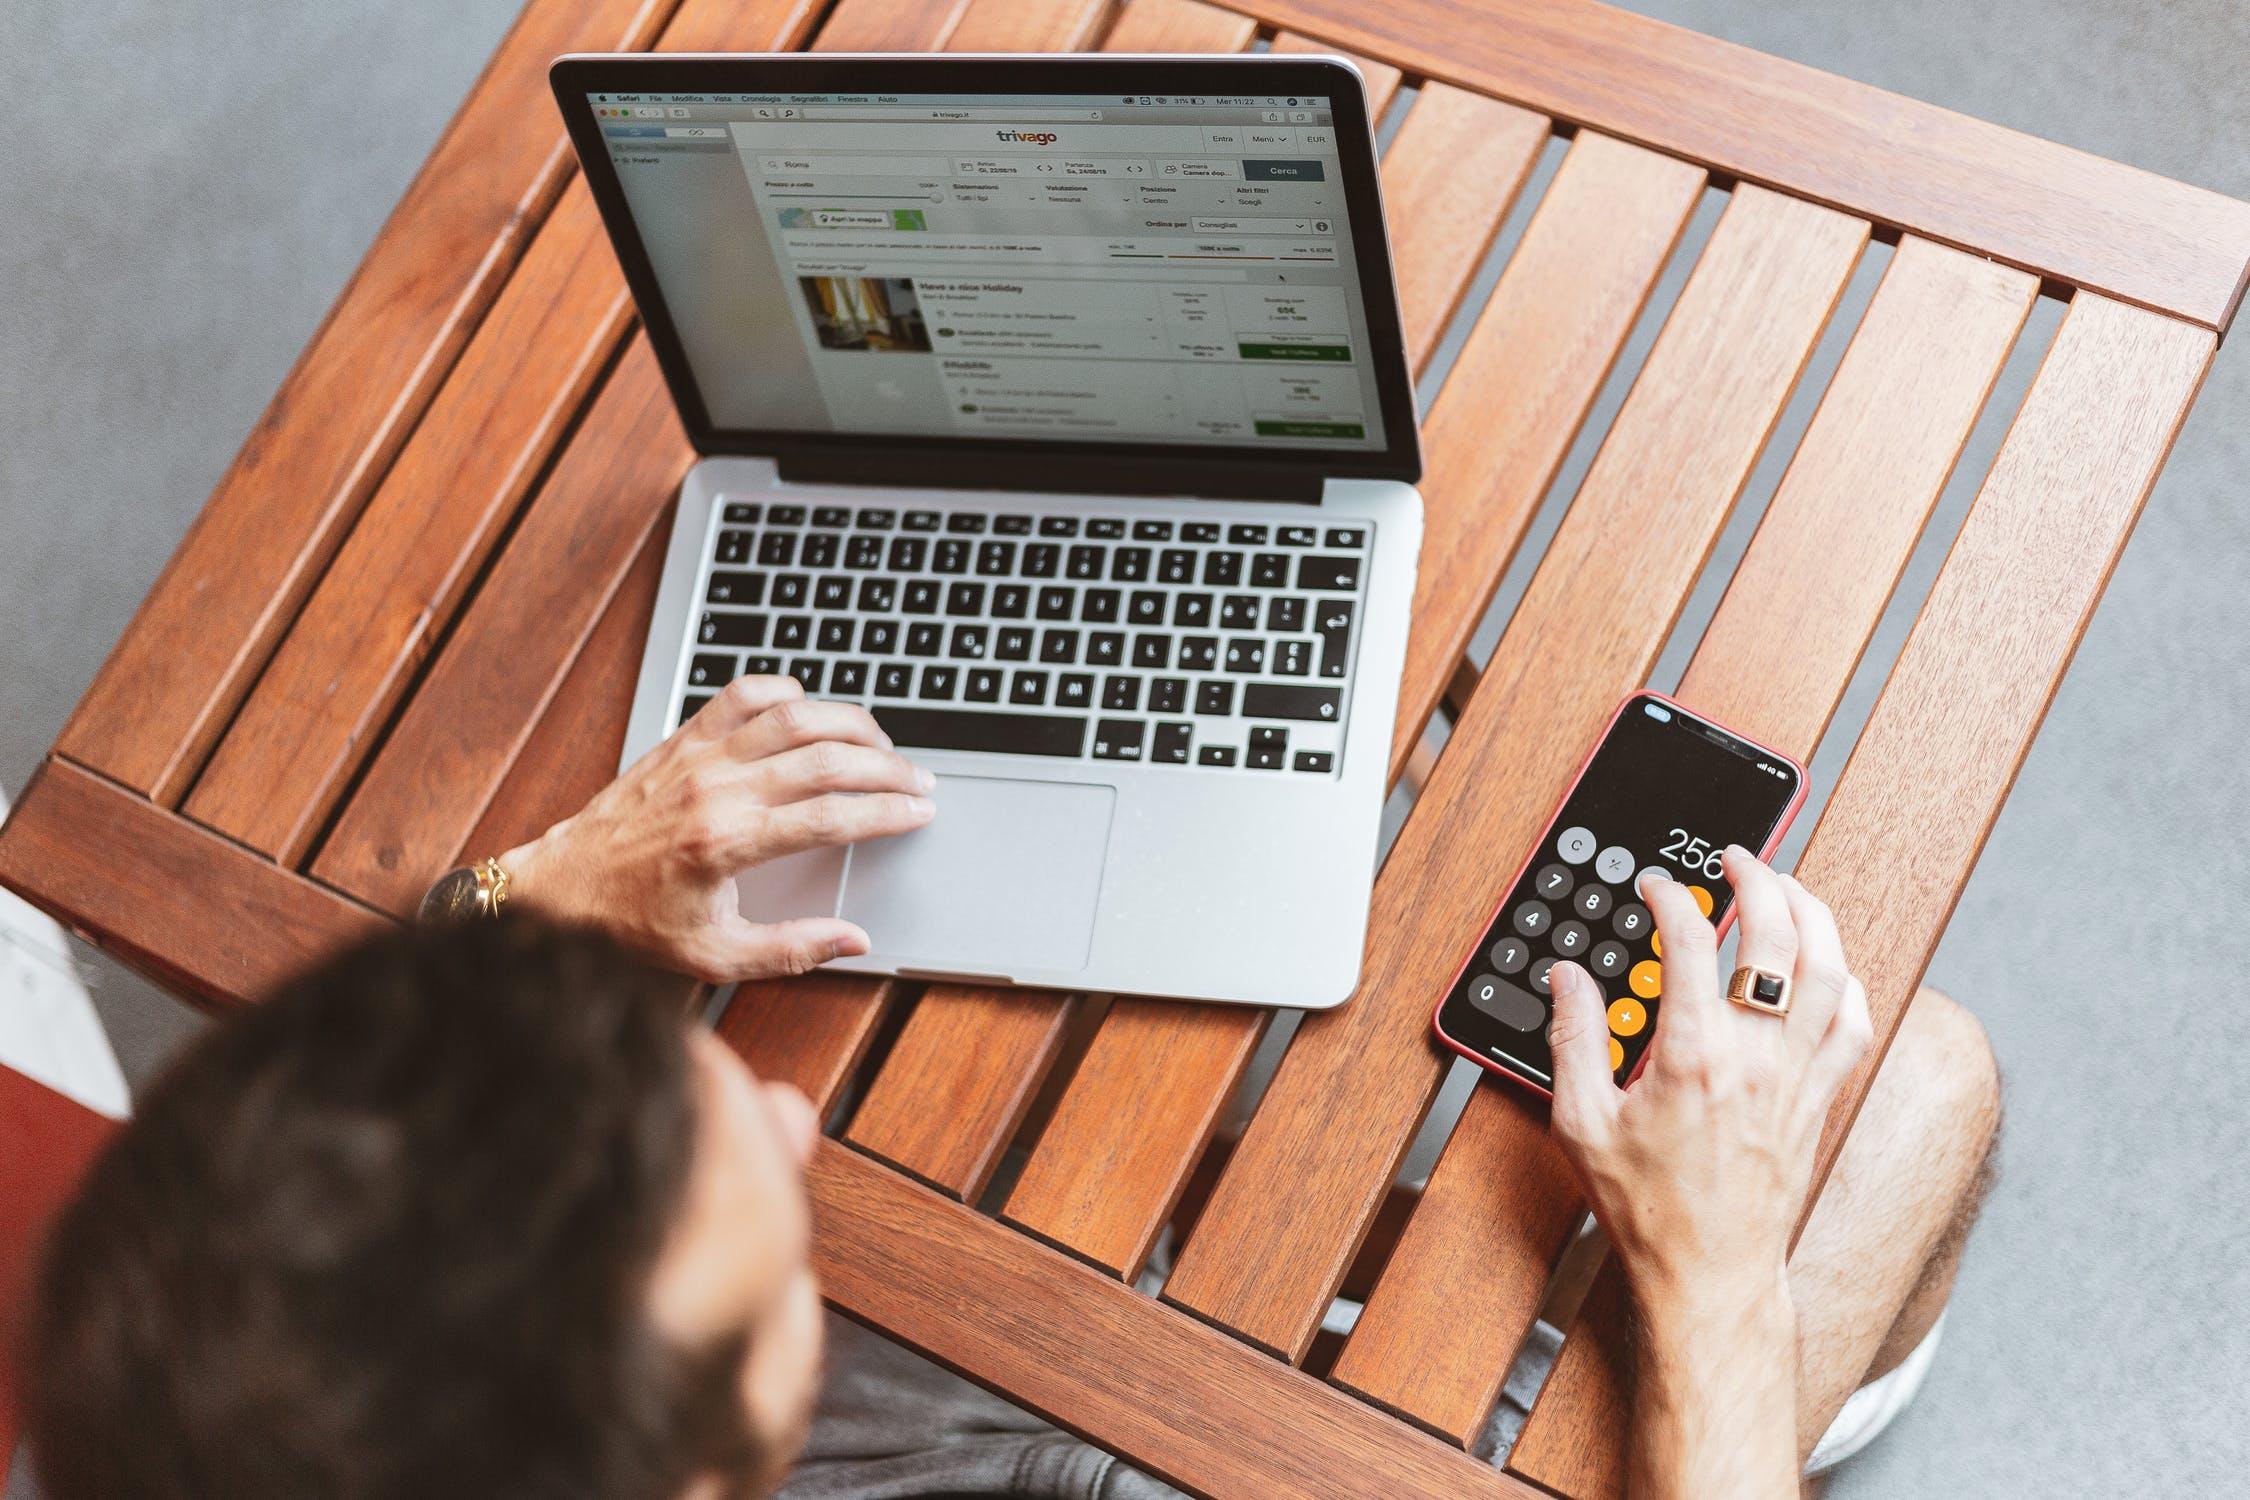 ebay seo tools